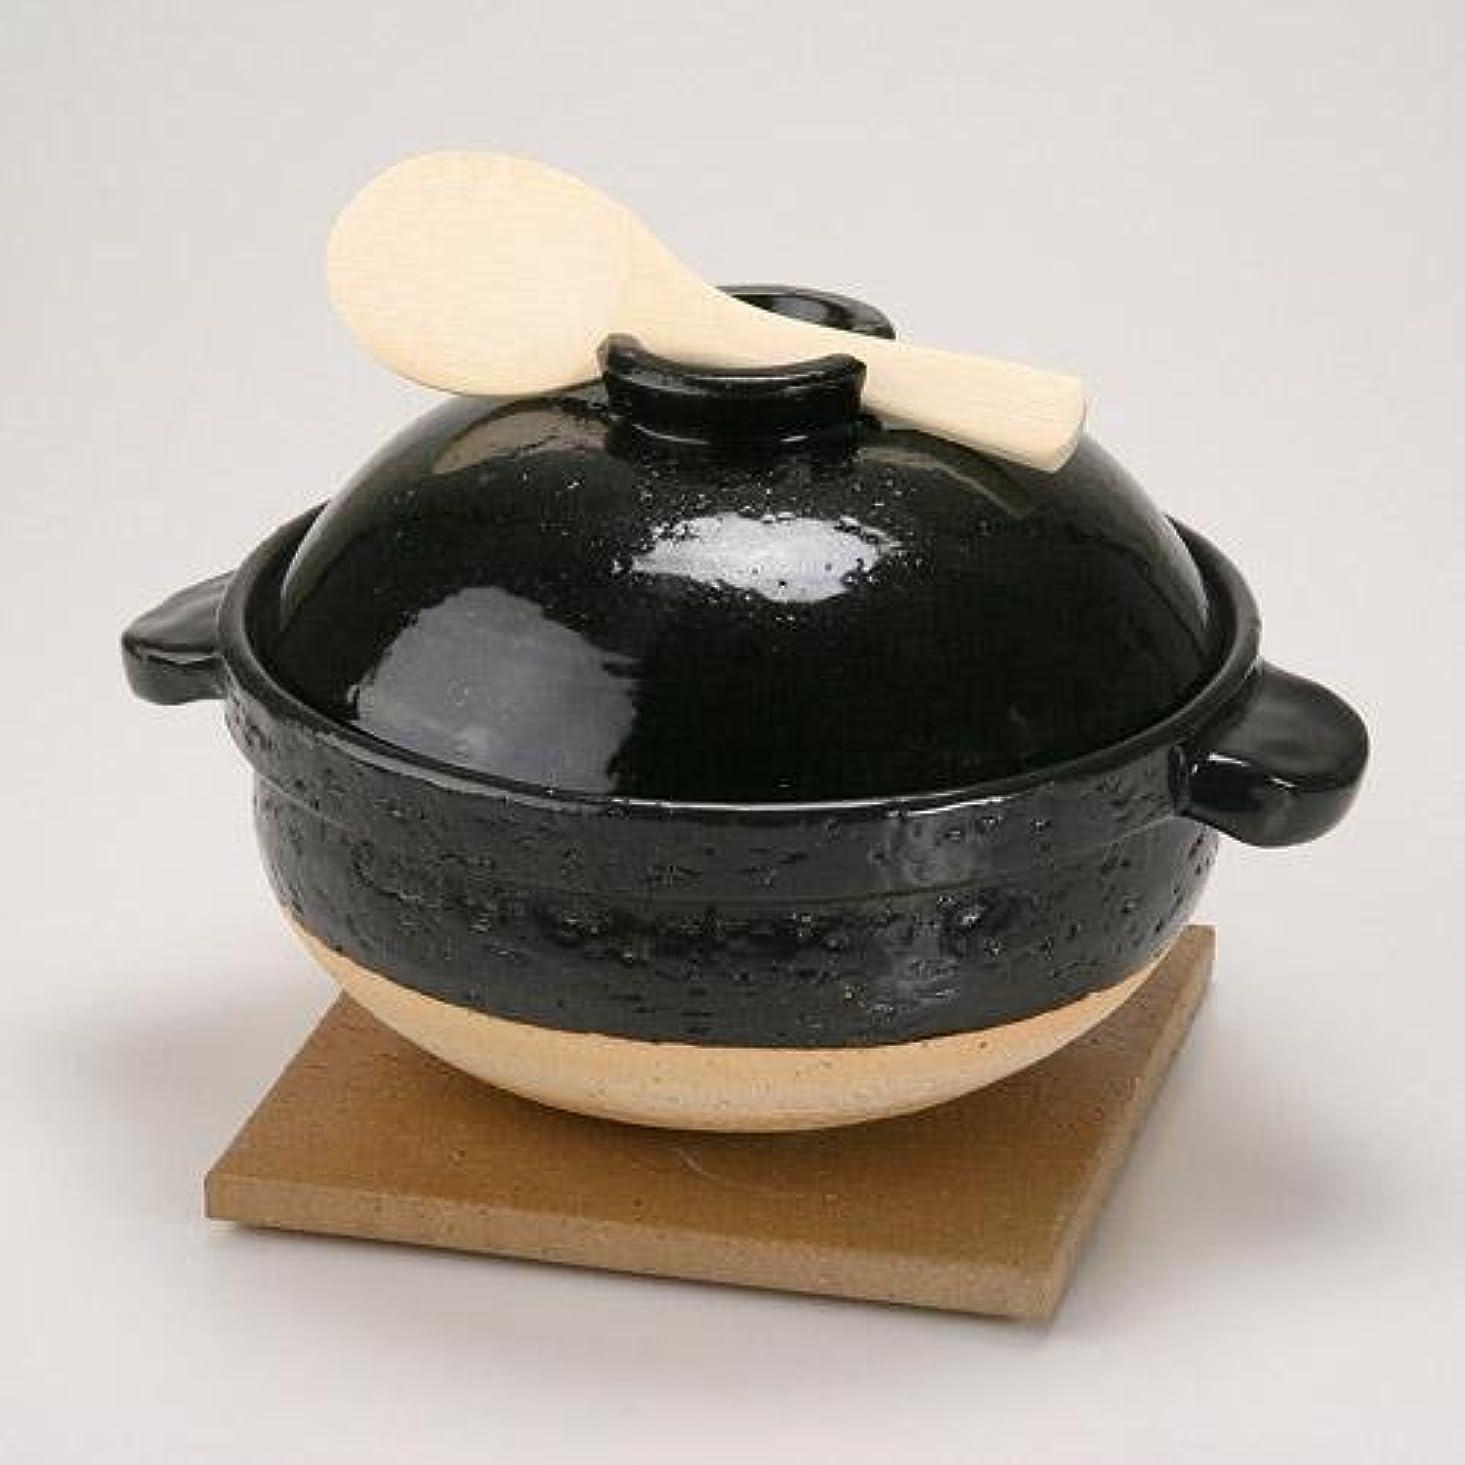 ジェム空予知日本製(伊賀焼)長谷園かまどさん2合炊き テレビで紹介されました。